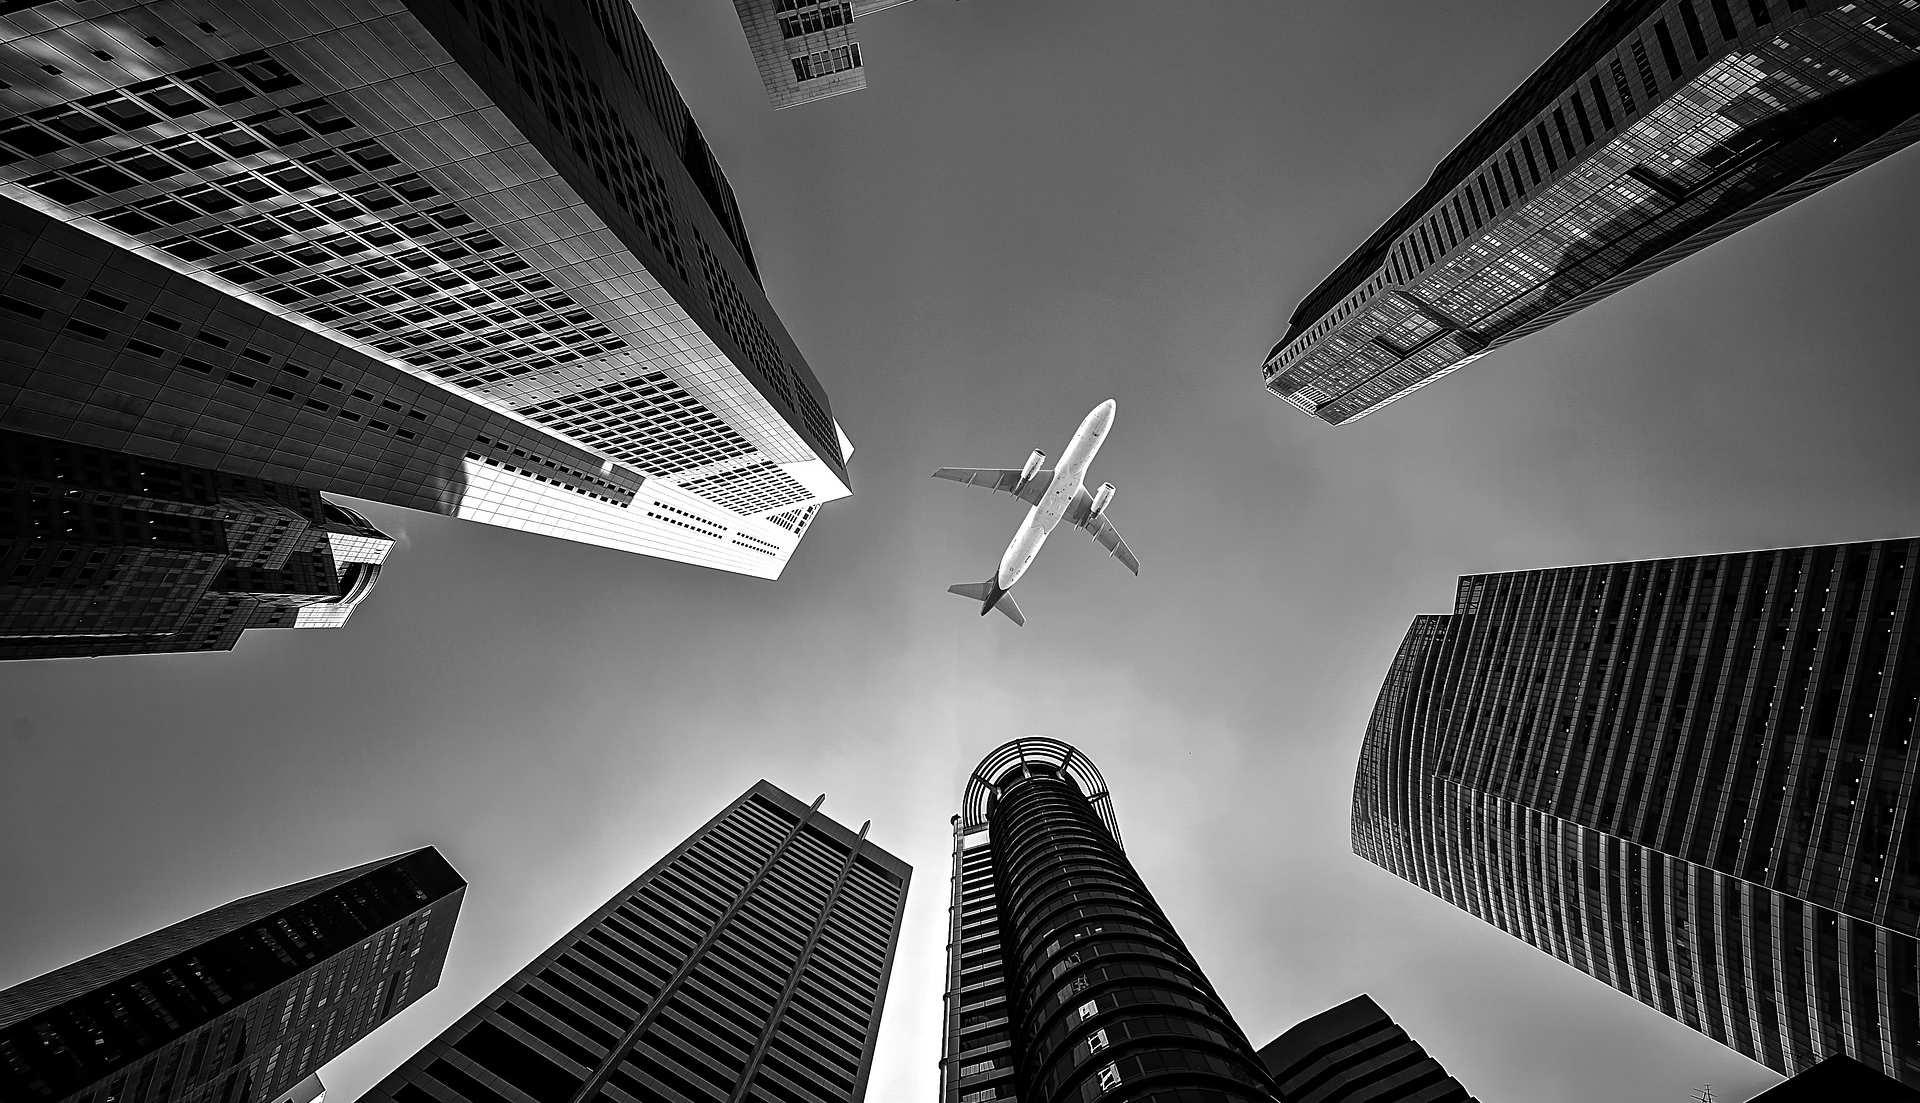 Vista de centro financiero mientras pasa un avión